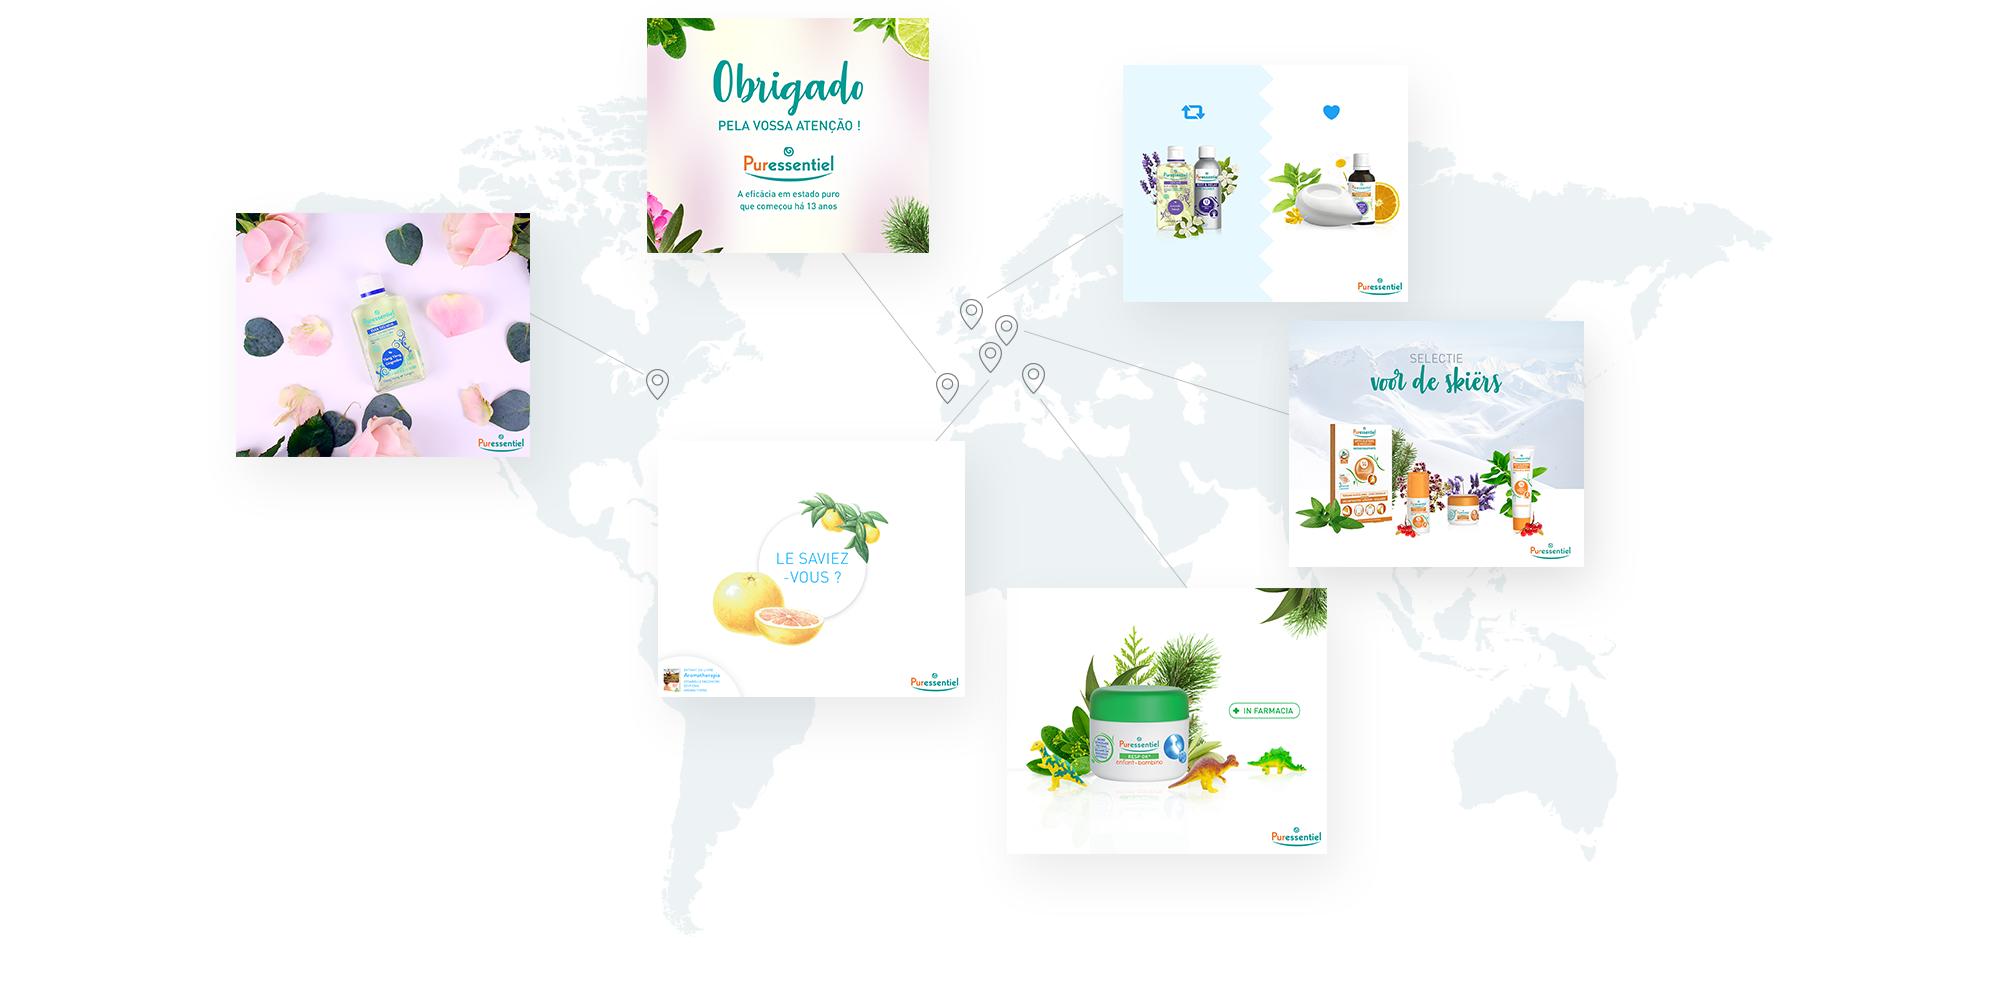 Puressentiel - gestion des réseaux sociaux à l'international par Sharing Agency